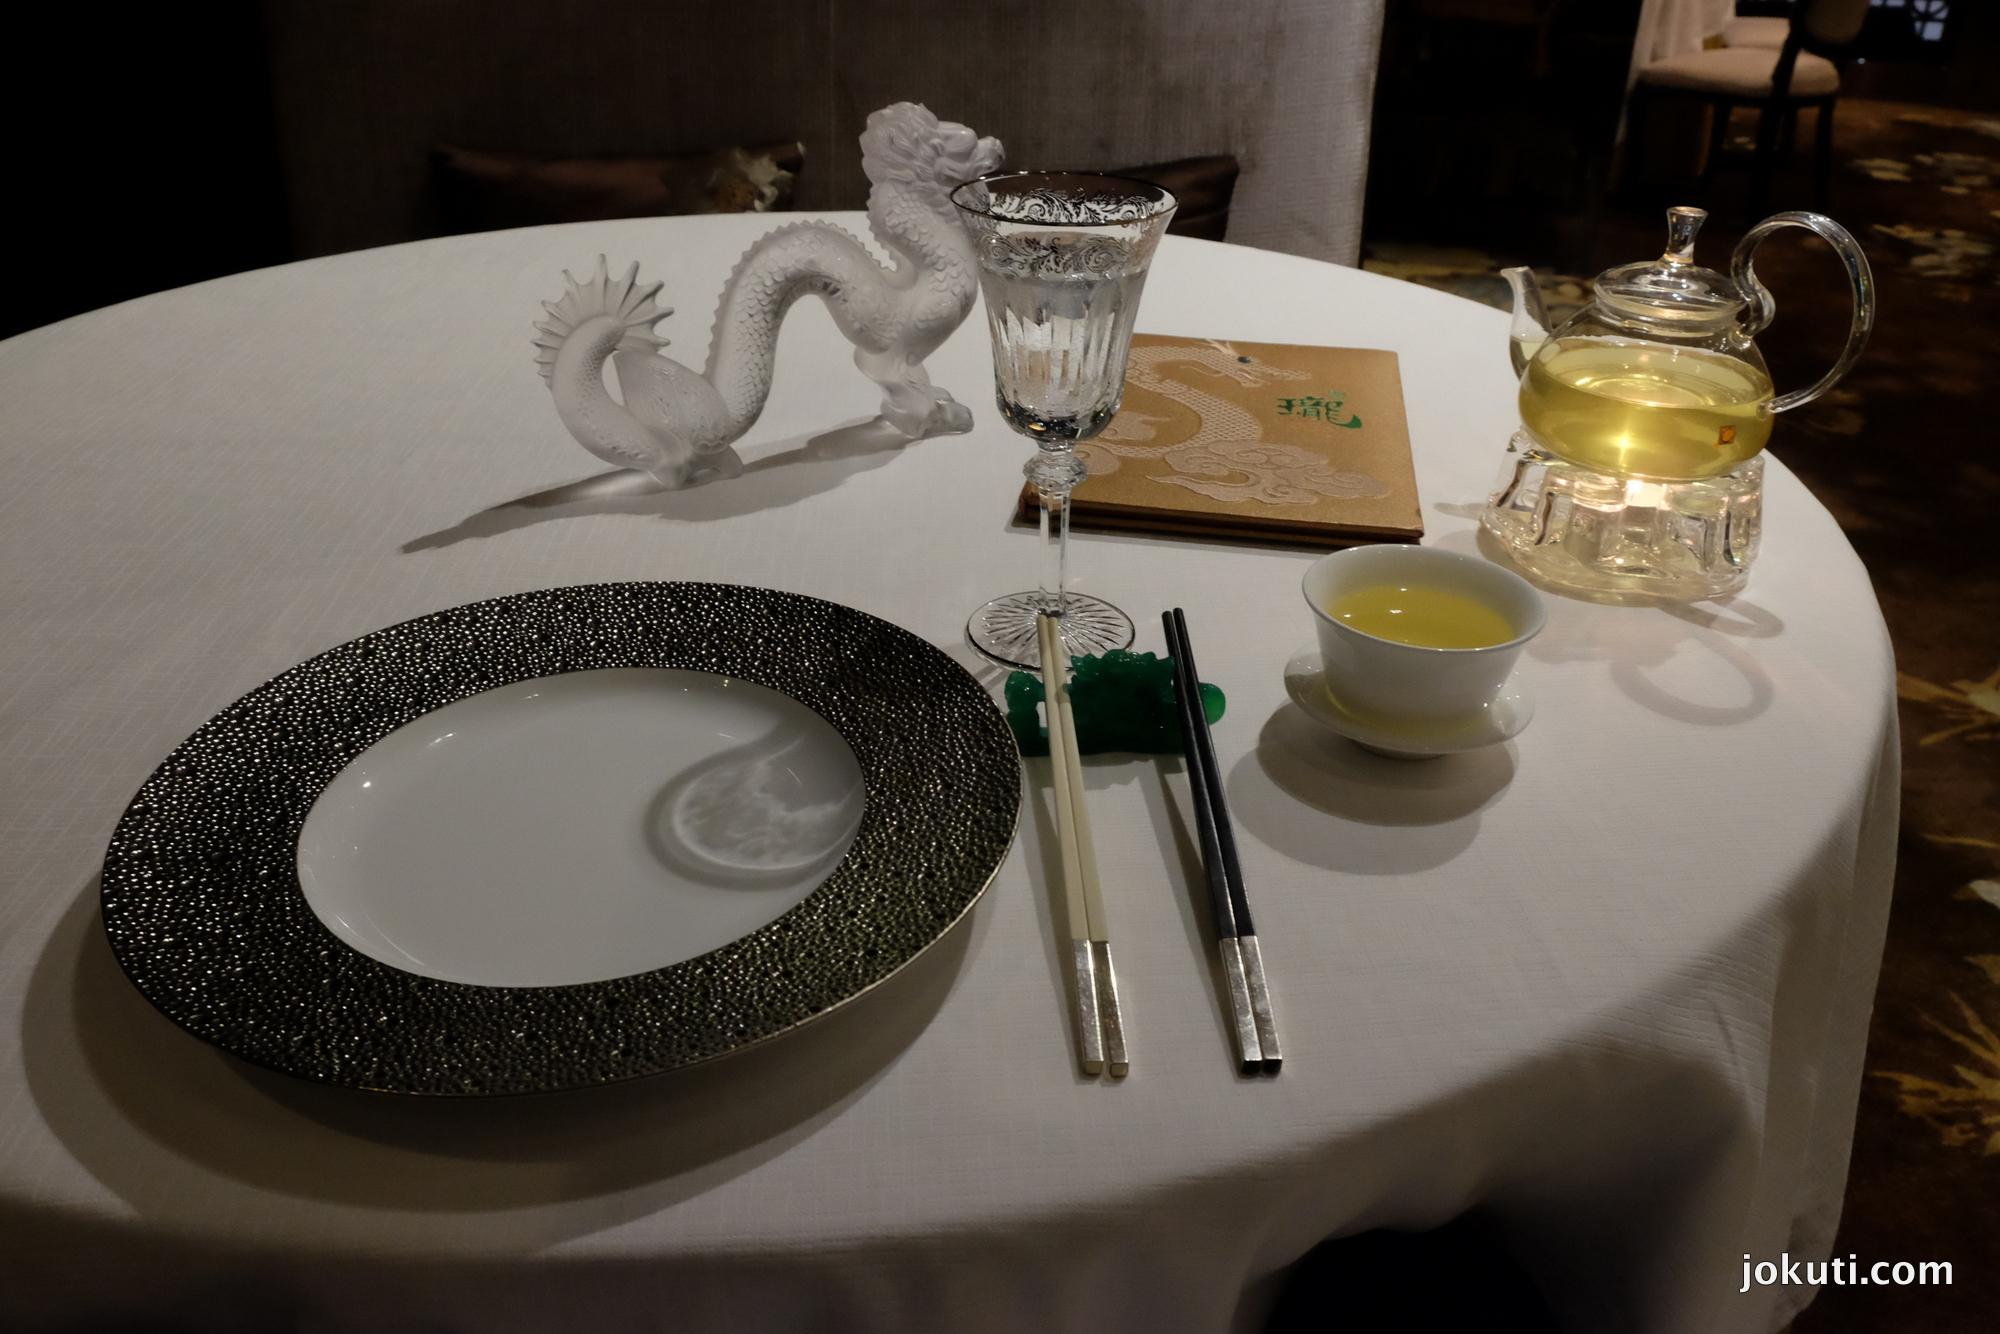 dscf6810_jade_dragon_restaurant_cantonese_chinese_michelin_macau_makao_china_kinai_vilagevo_jokuti.jpg